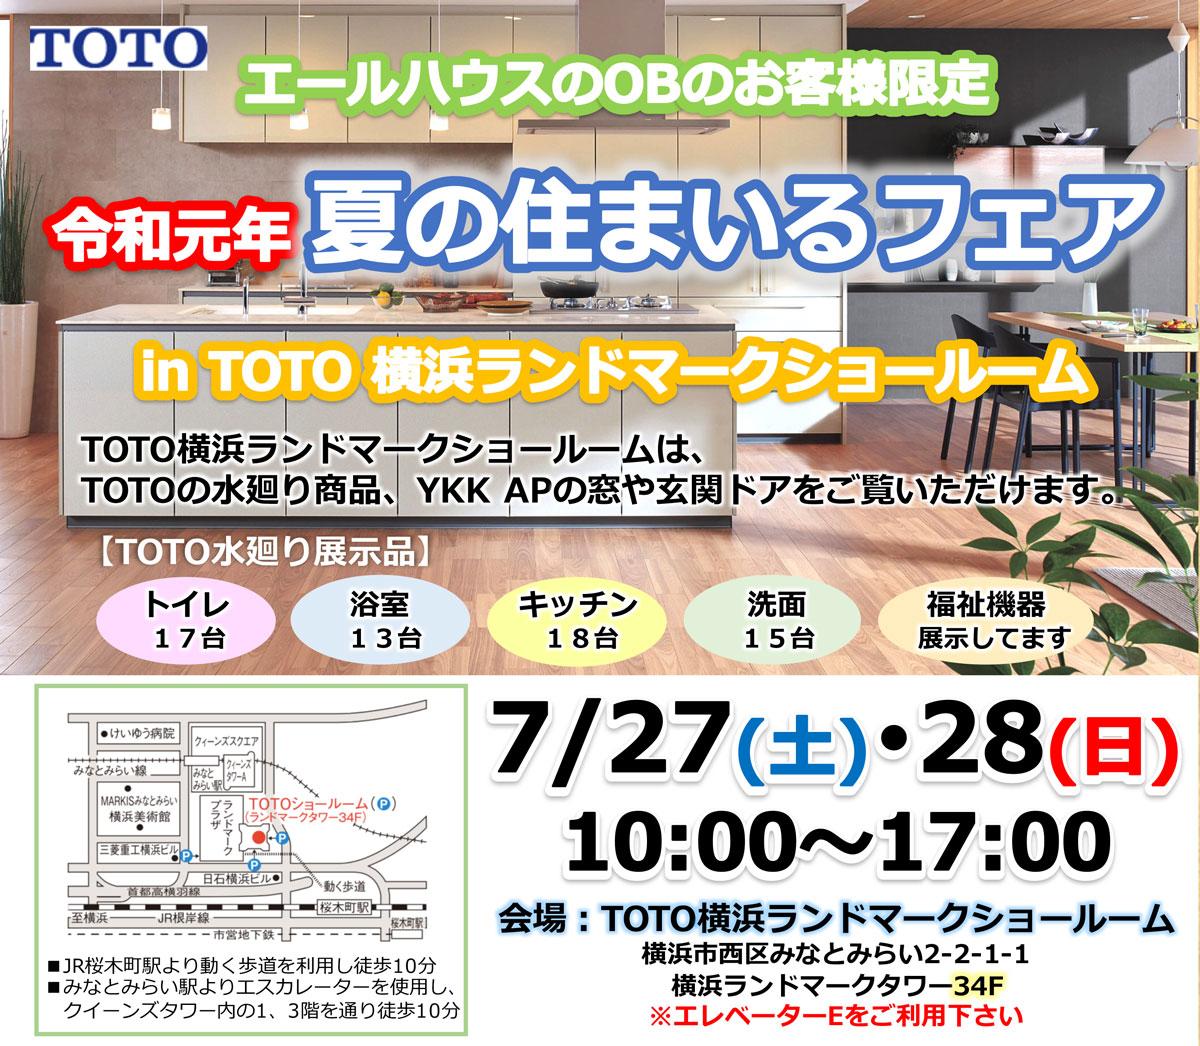 エールハウス 夏の住まいるフェア in TOTO 横浜ランドマークショールーム